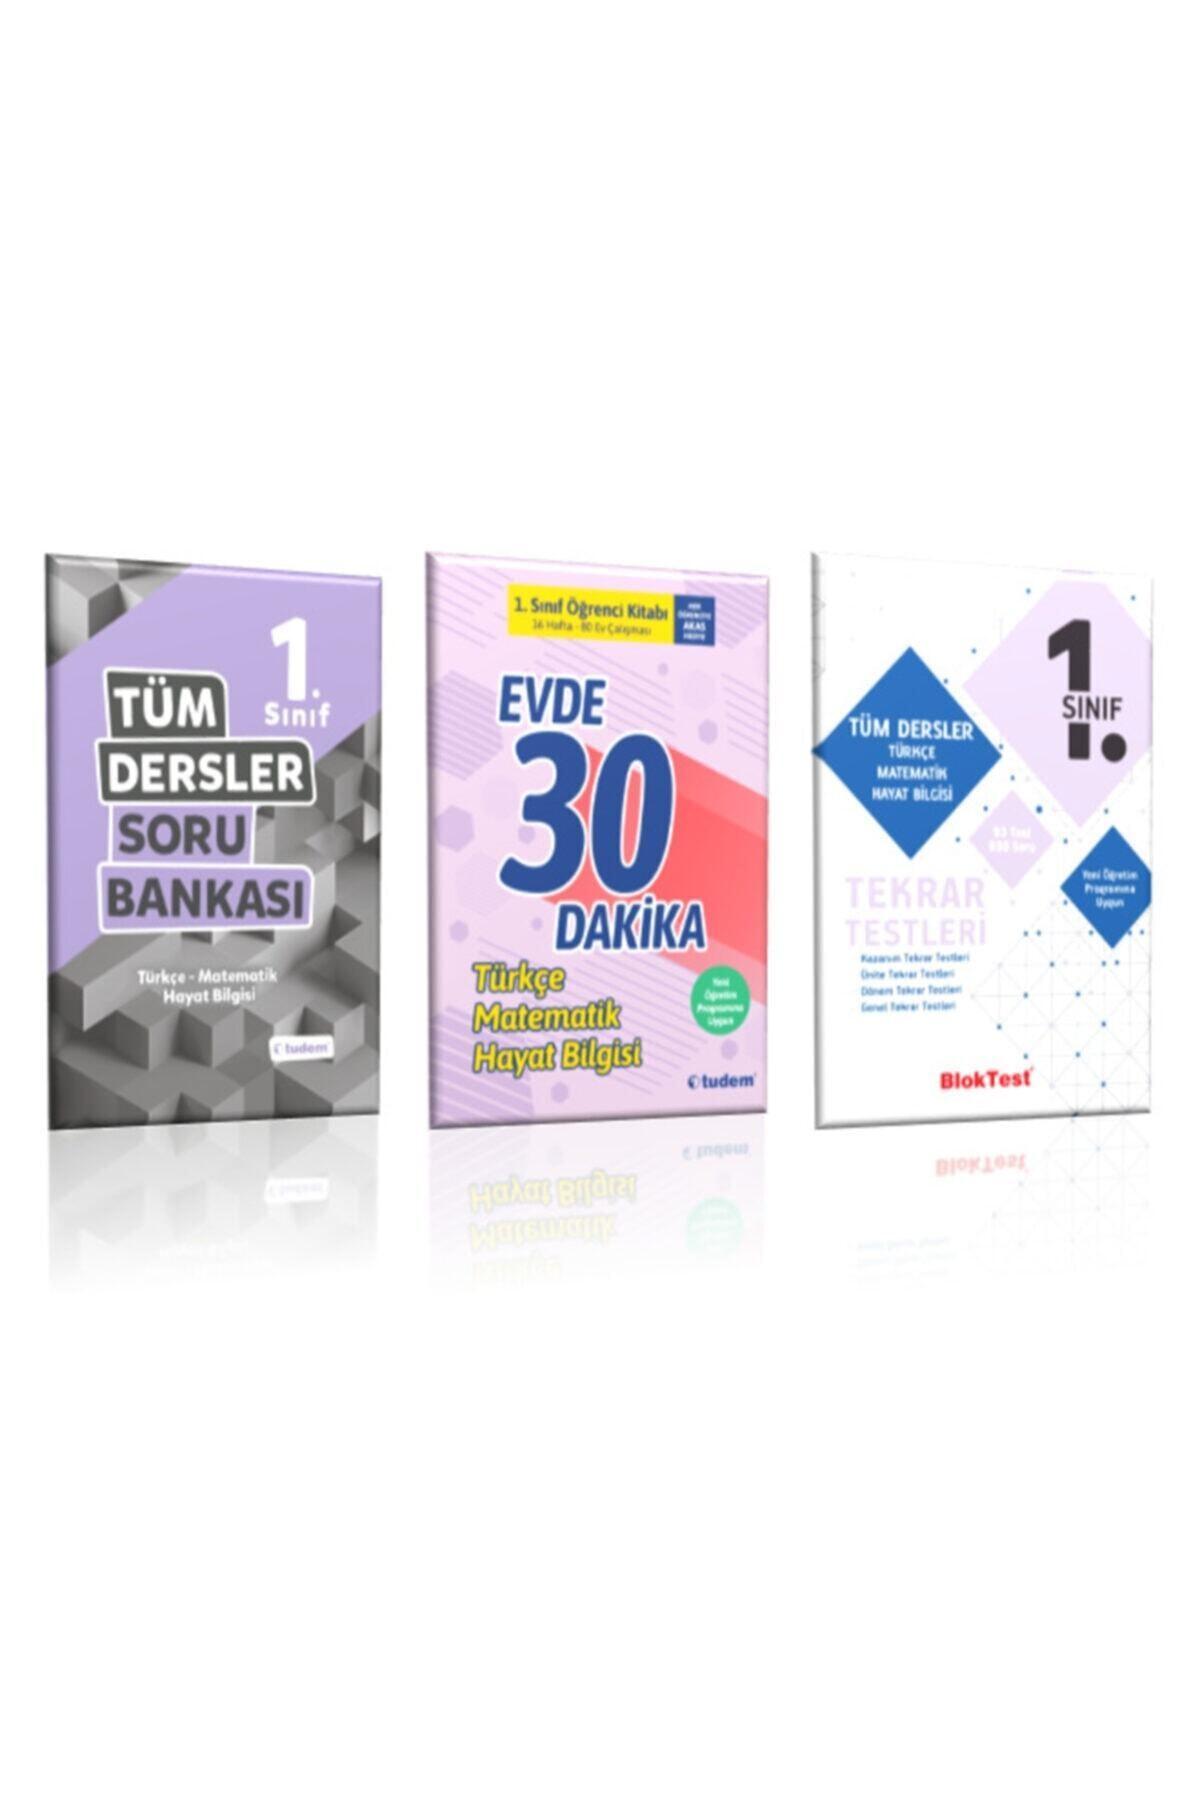 1 Sınıf Tüm Dersler ( Tüm Dersler Soru Bankası , Evde 30 Dk. Ve Tekrar Testleri) 3 Kitap Takım